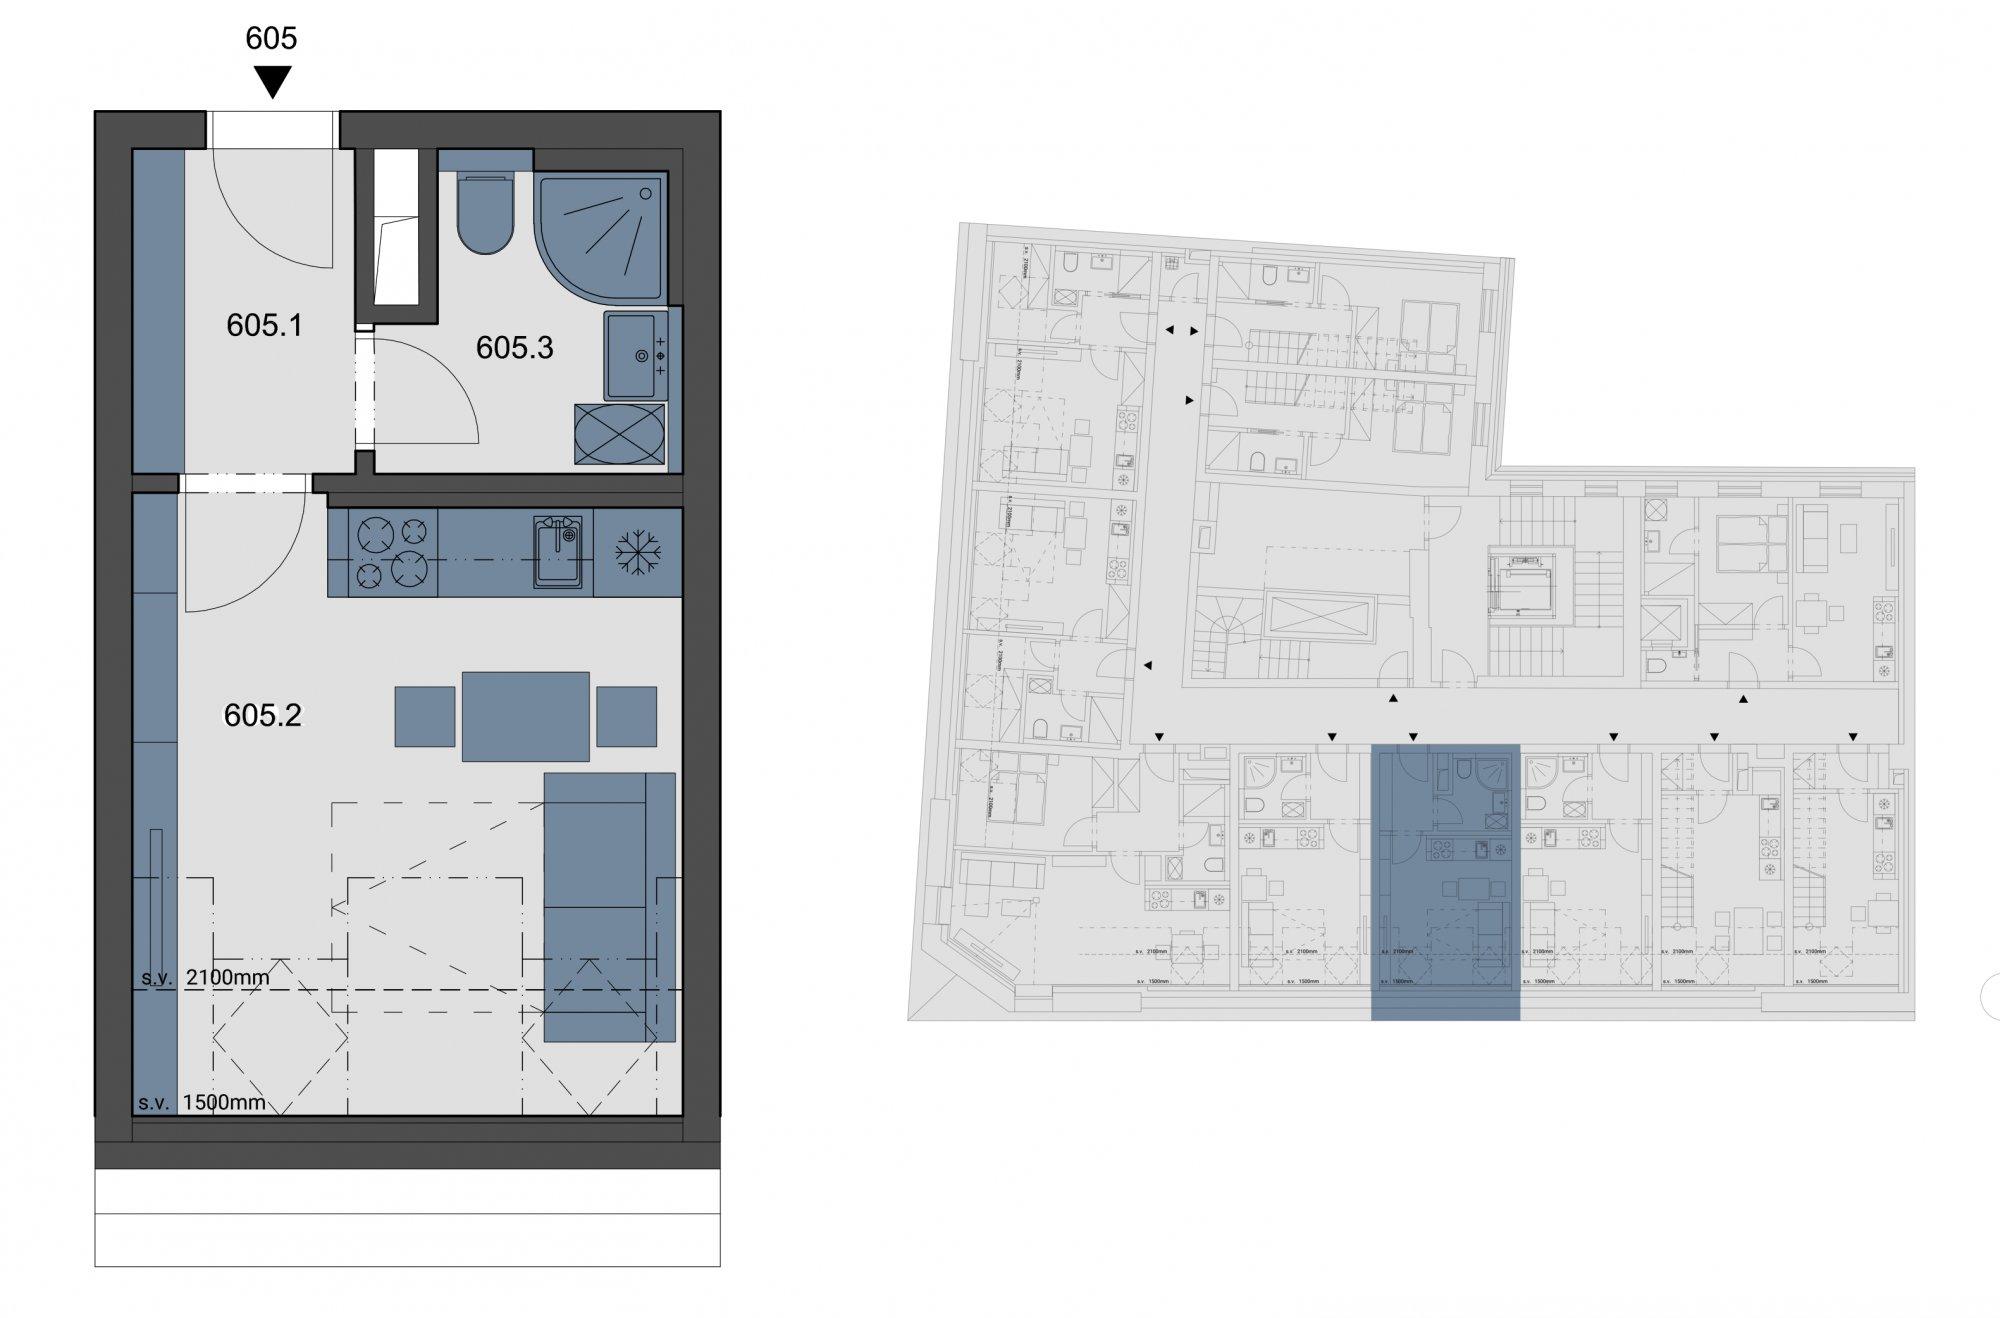 Půdorys - Půdní byt 1+kk, plocha 22 m², ulice Tyršova, Praha 2 - Nové Město